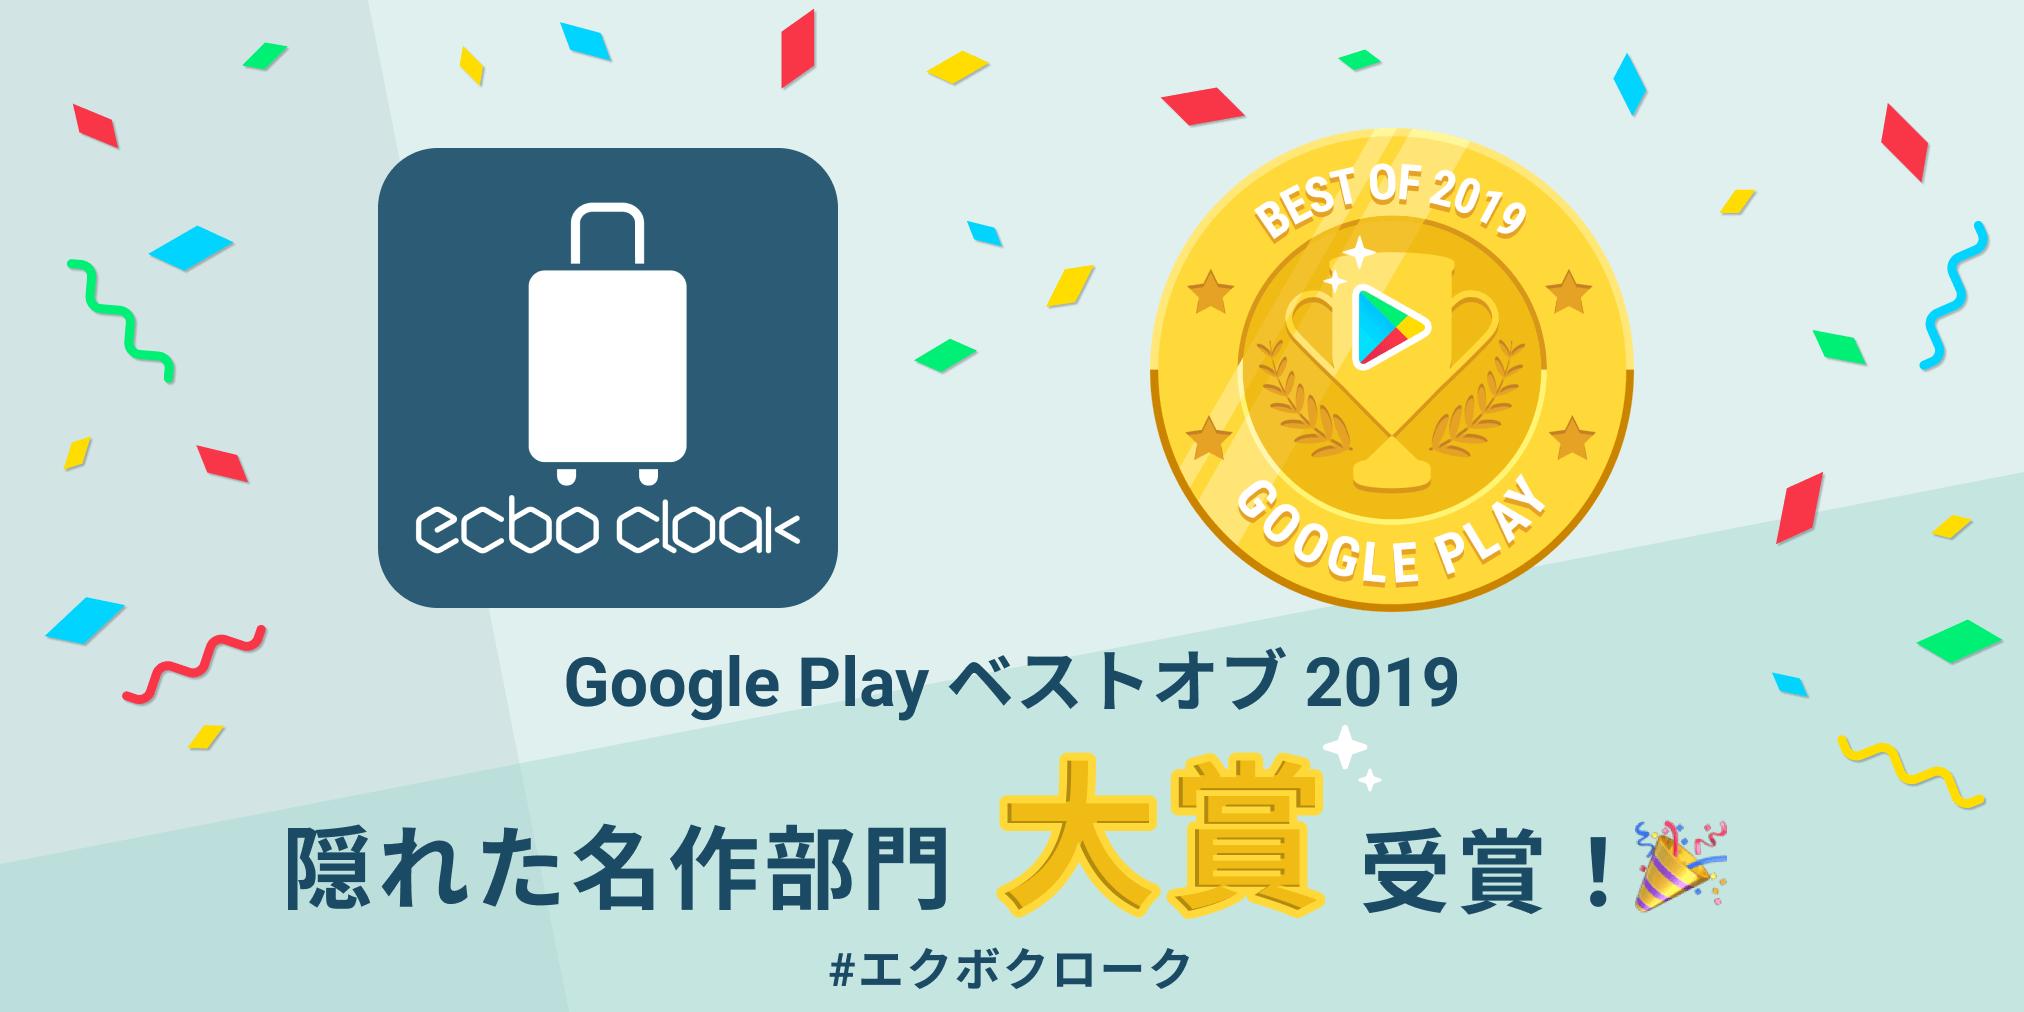 Google Play ベストオブ 2019」隠れた名作部門にて大賞を受賞